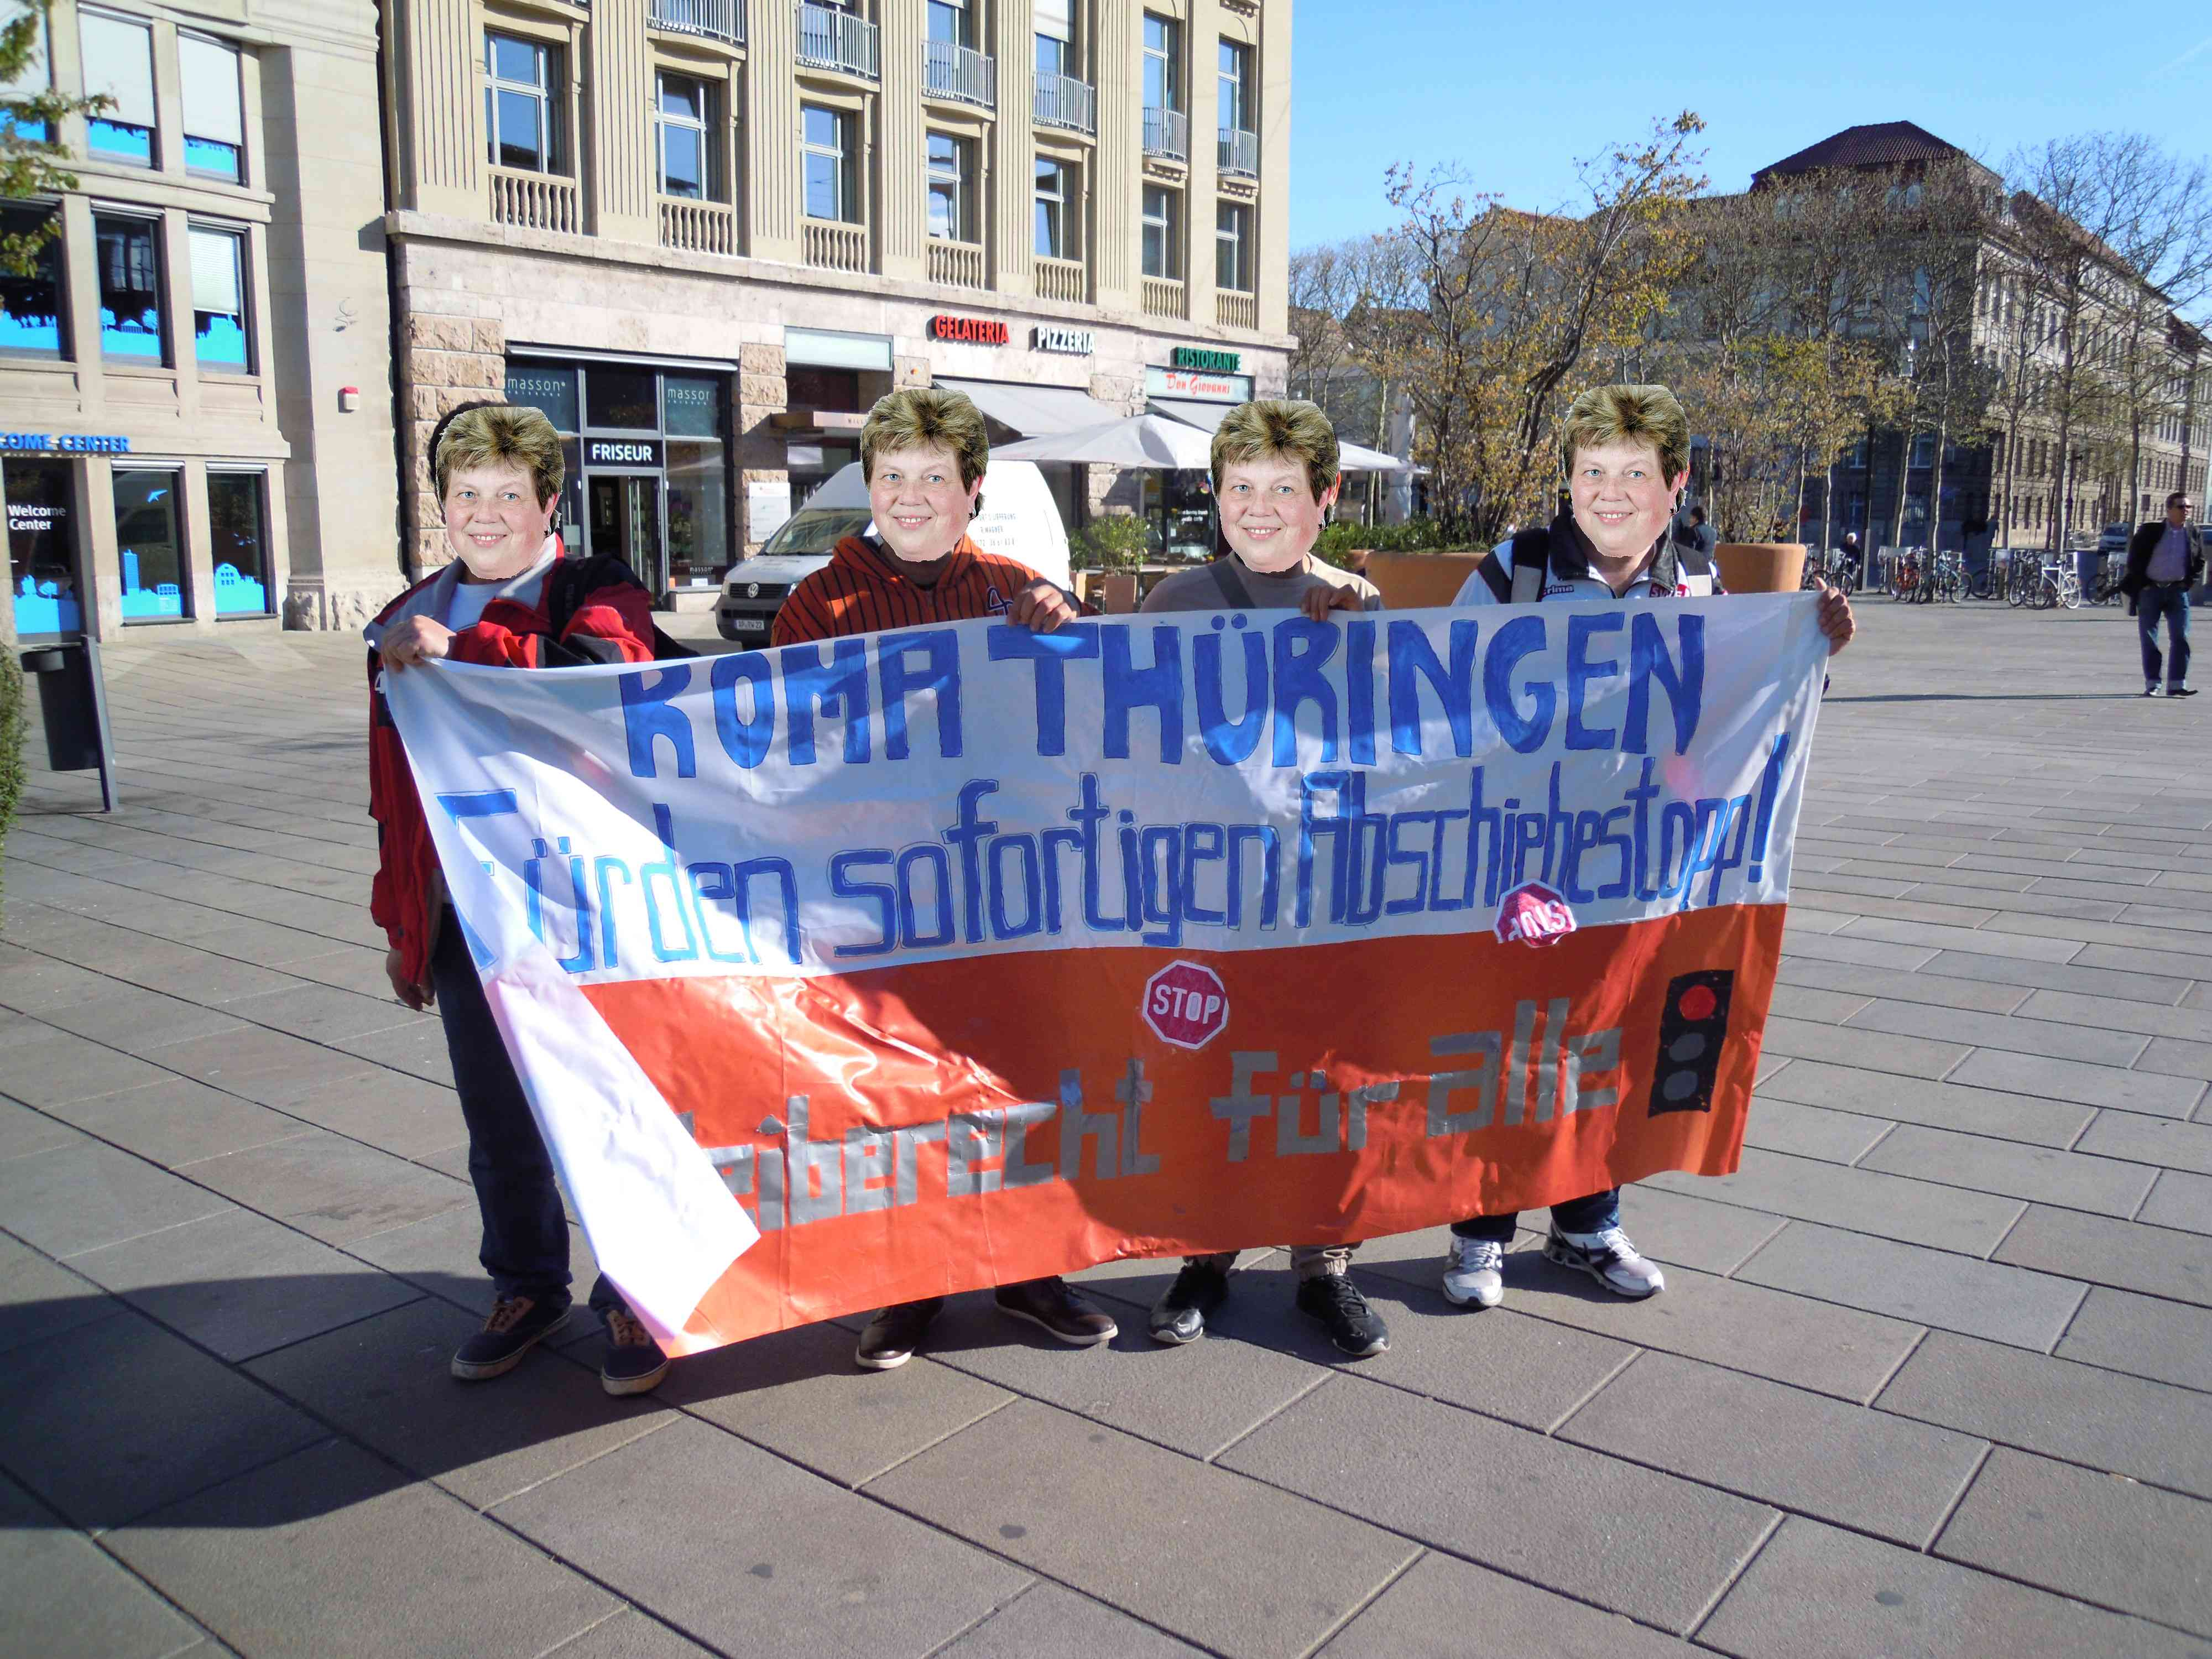 Roma Thüringen auf dem Weg nach Berlin